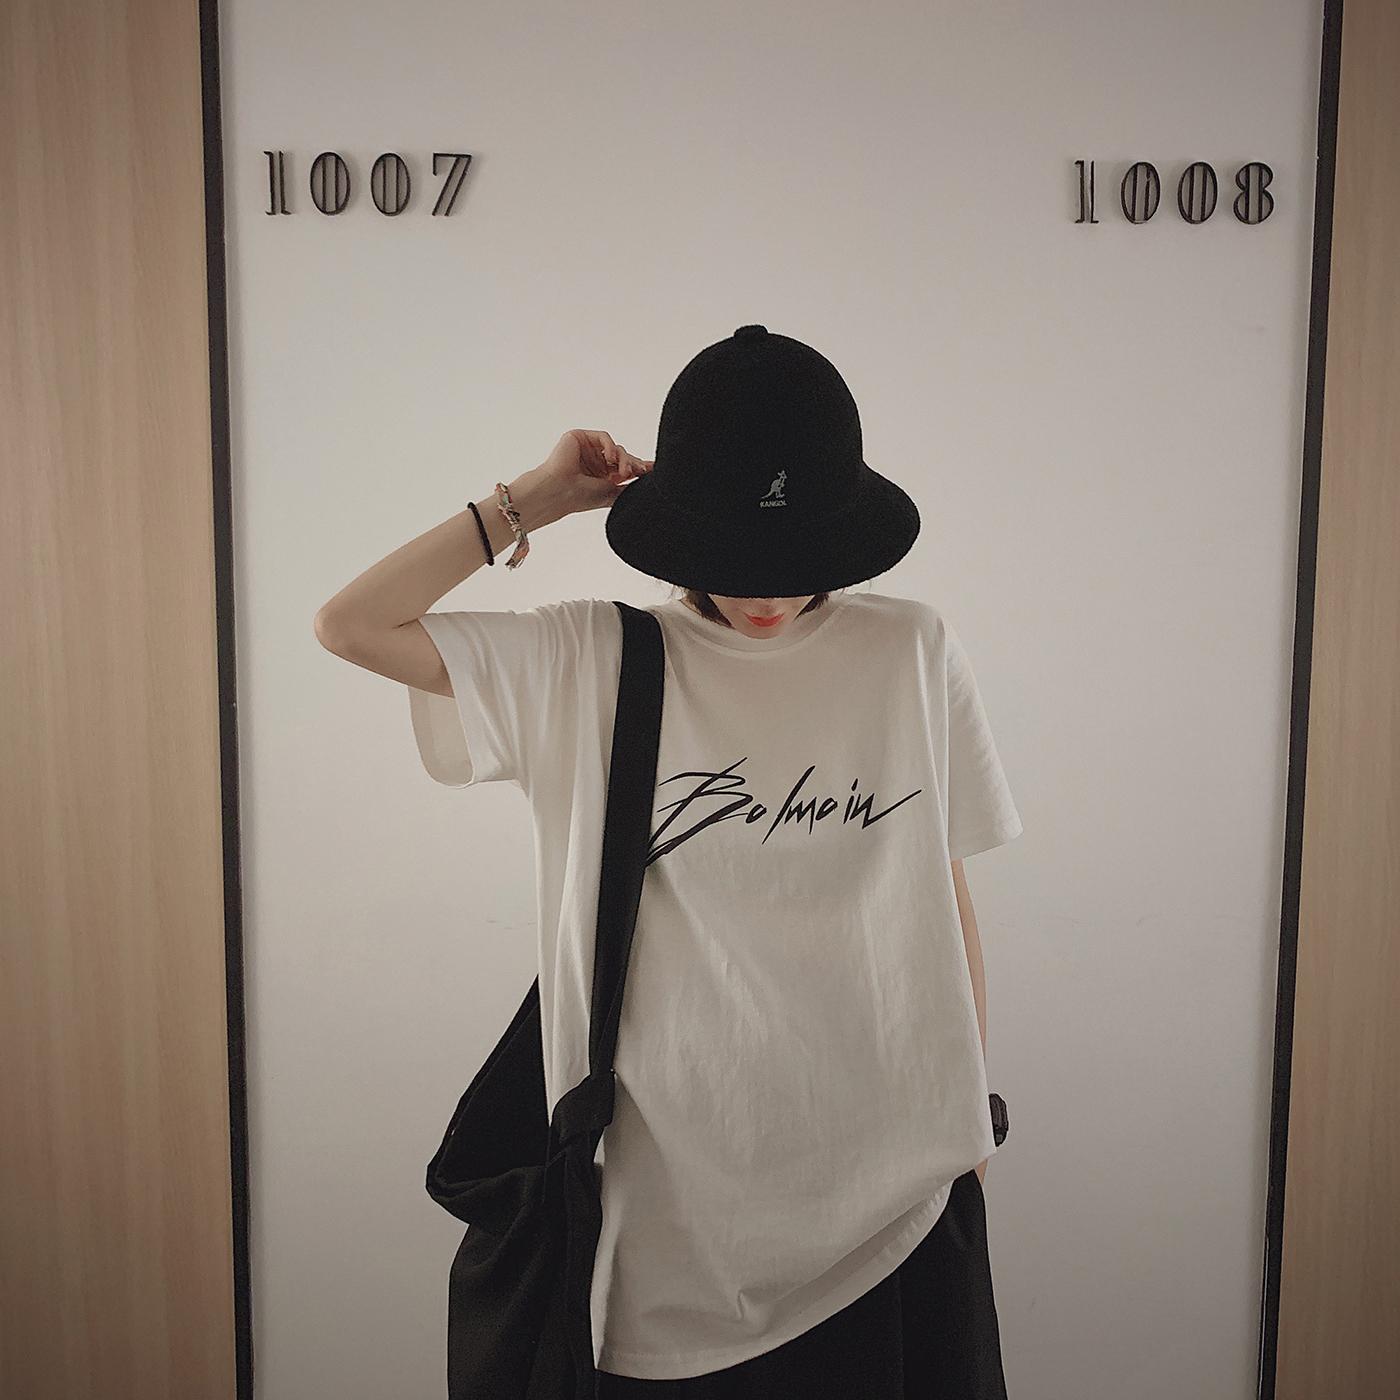 甜心家 字母印花短袖T恤 宽松时尚百搭上衣女装BF风2019新款夏装